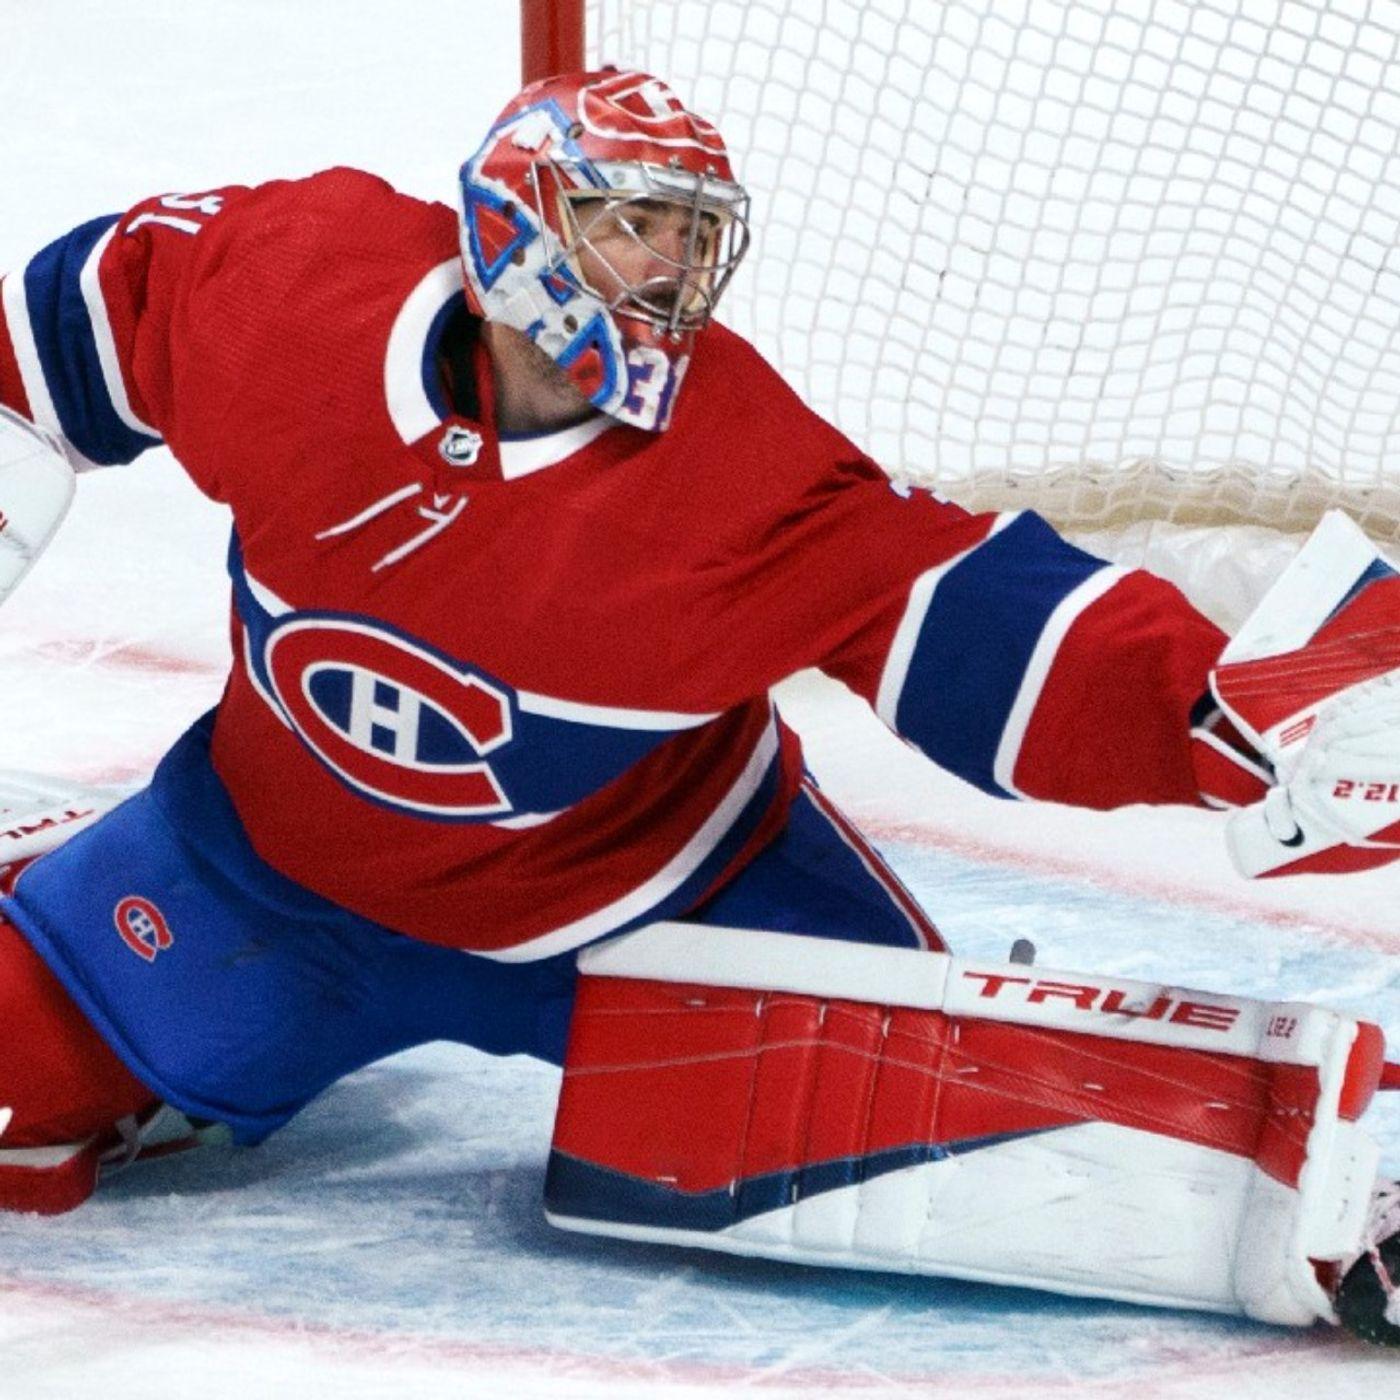 Новый сезон NHL грядет: Олимпиада, скандалы и новые звезды | Форчек не пройдет